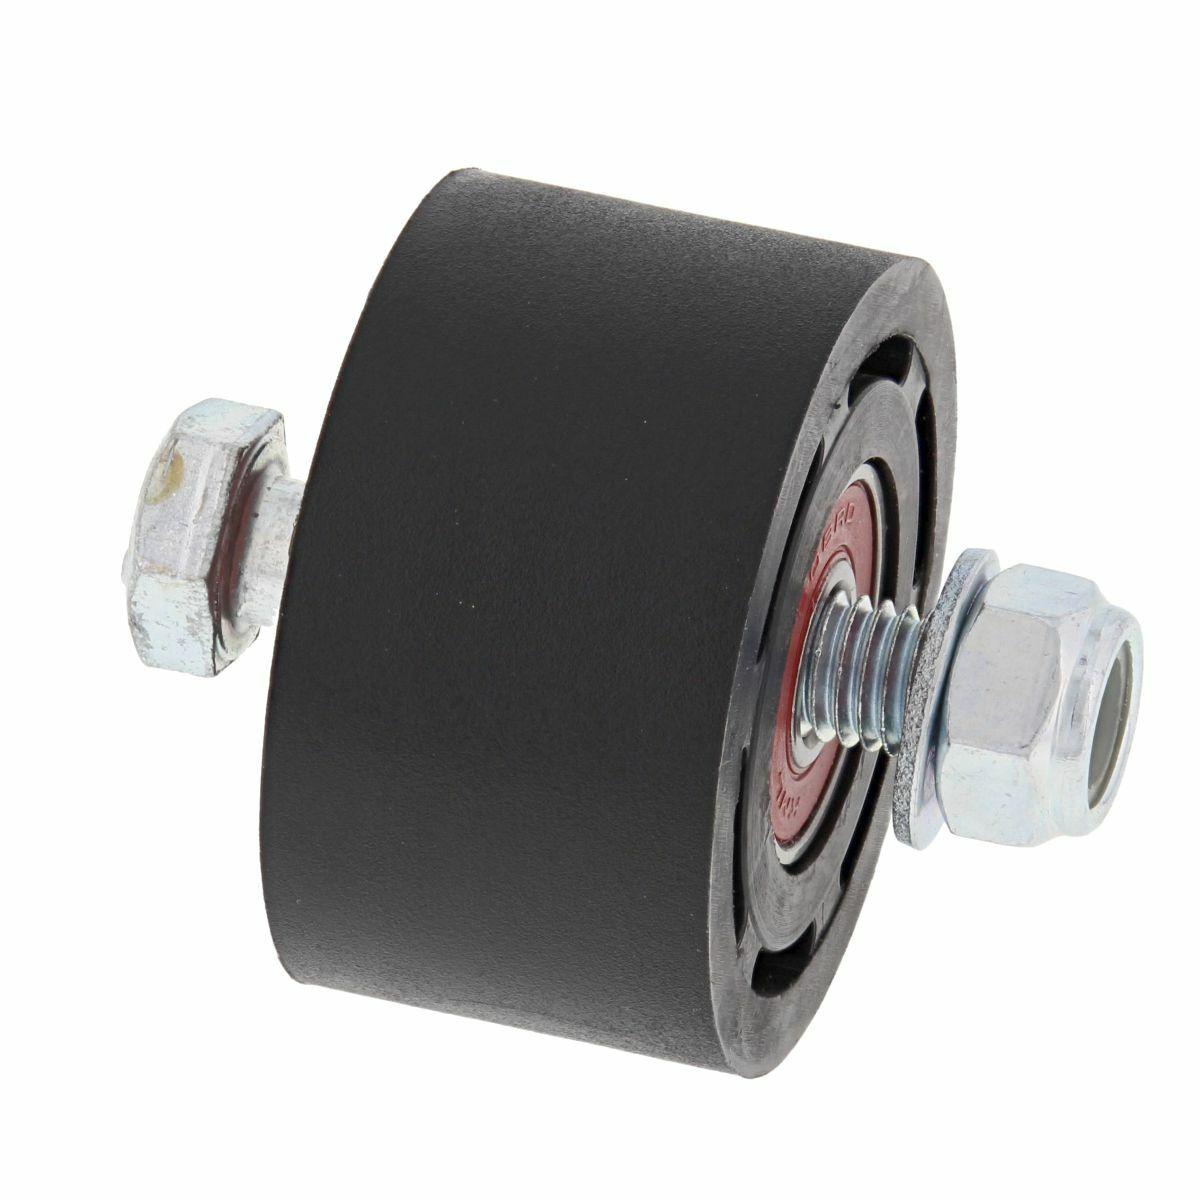 Obrázek produktu Kladka řetezu All Balls Racing 43-24mm černá 79-5007